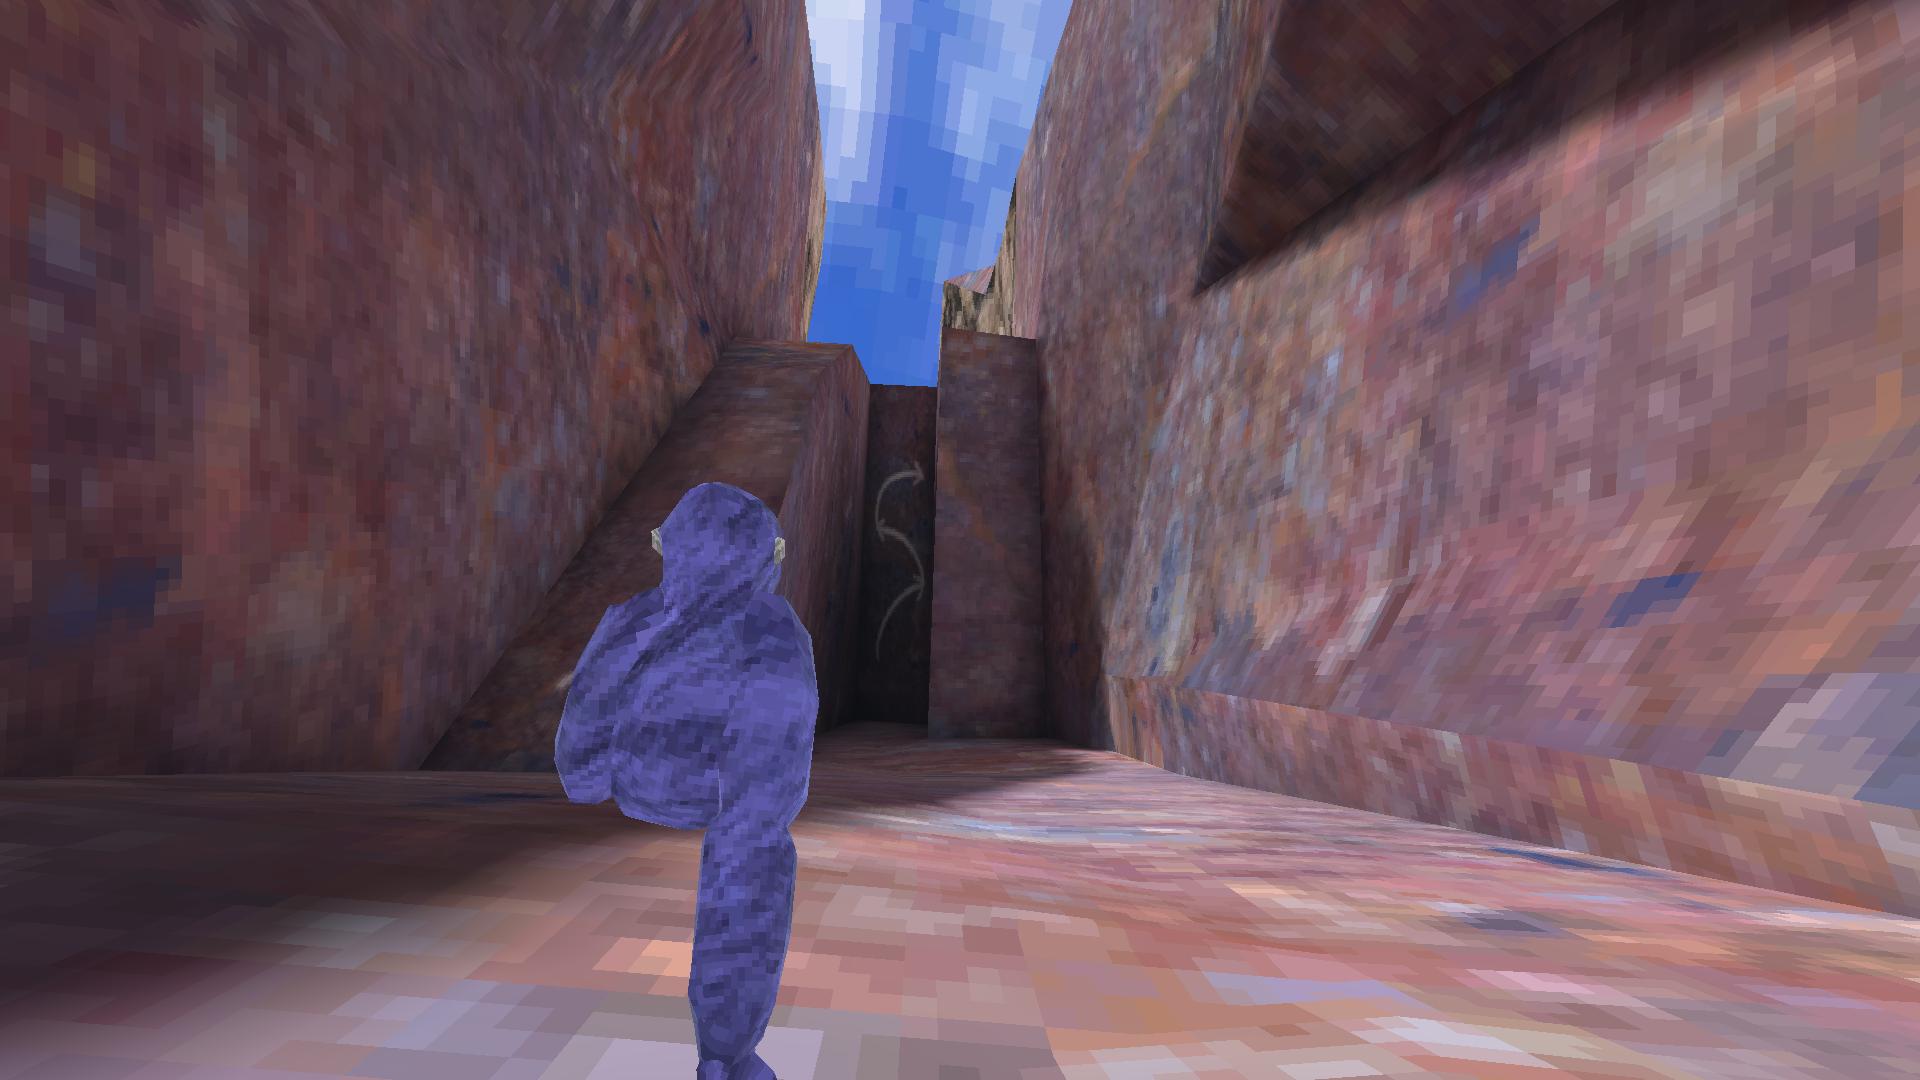 VRゲーム【Gorilla Tag】プレイしてみたので感想レビュー1